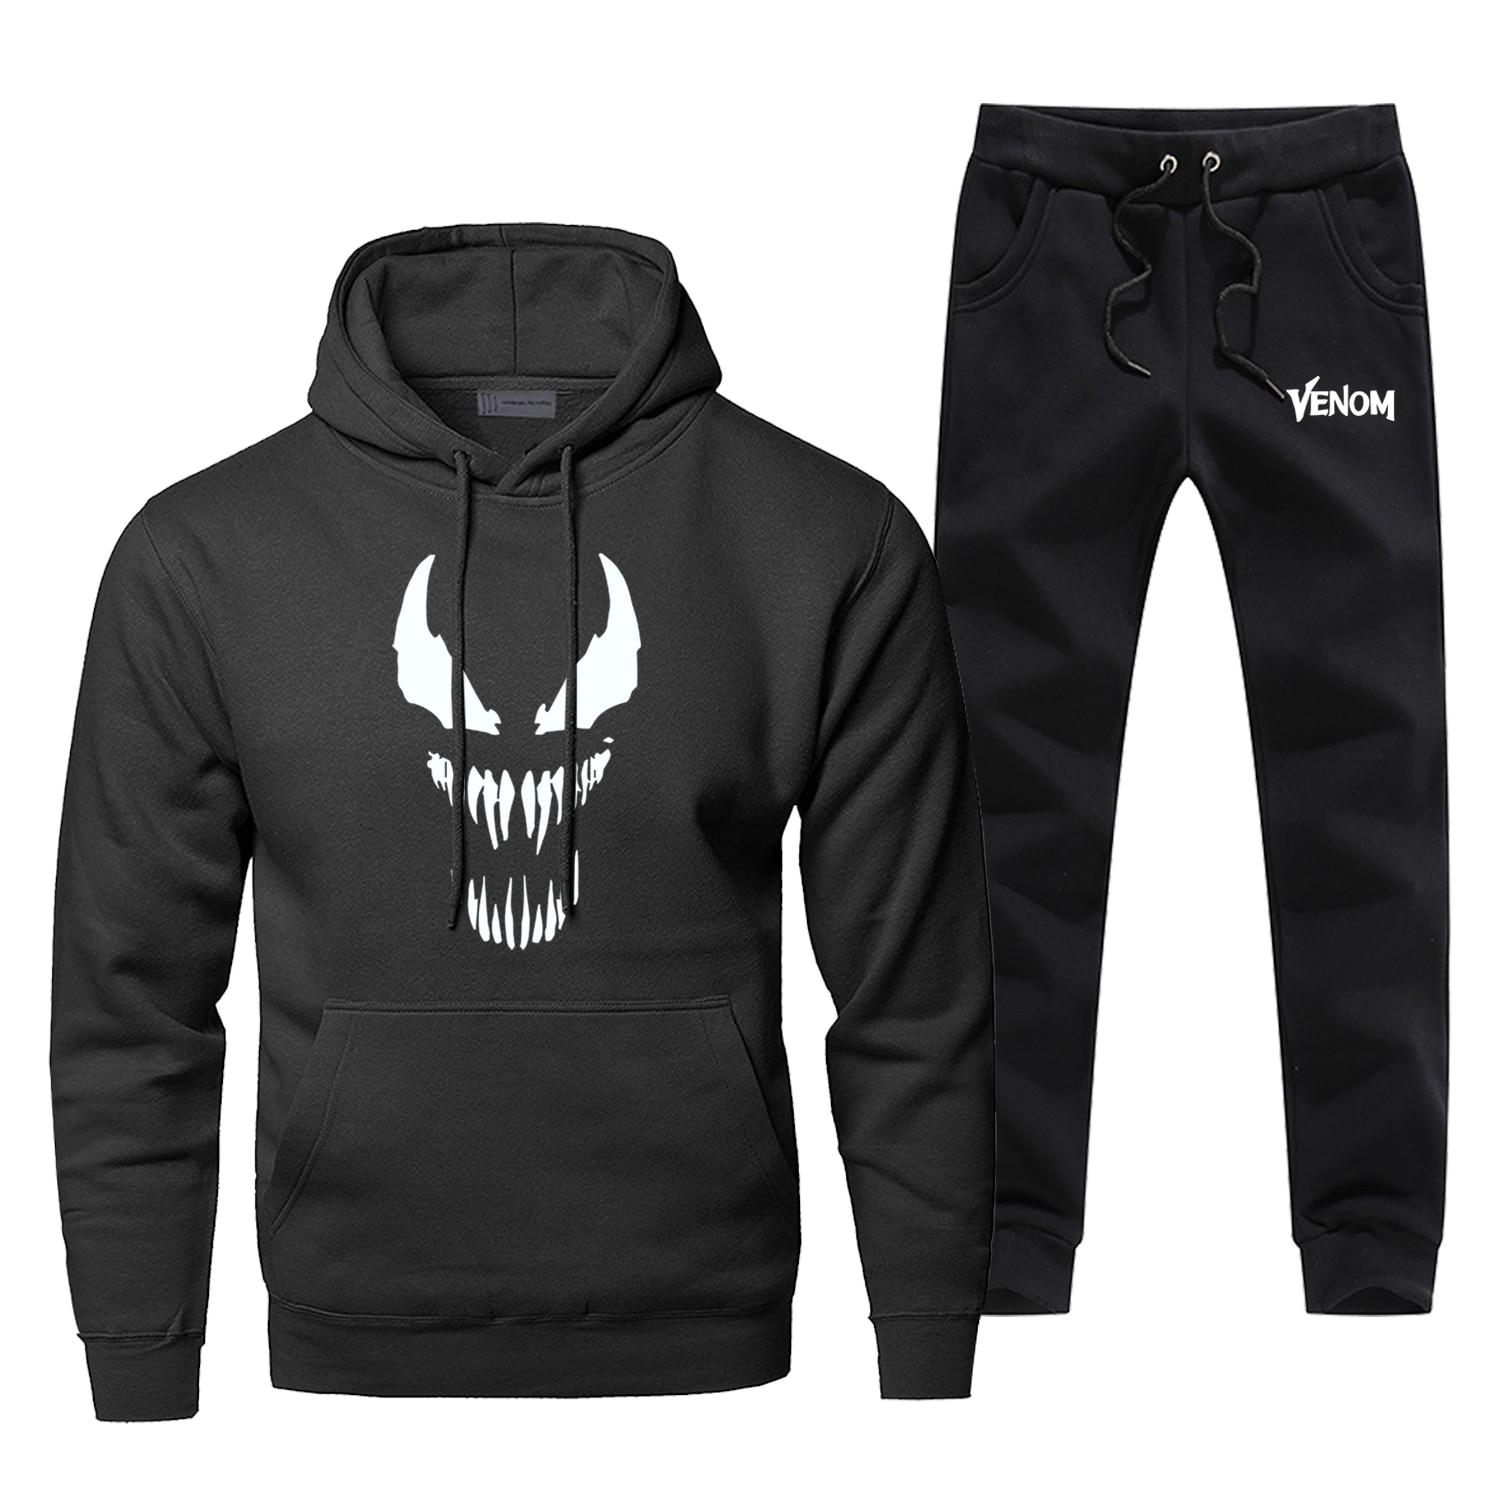 Hoodies Venom Edward Pants Set Men Hoodie Super Hero Sweatshirt Men Hoodies Pollover 2 Pcs Streetwear Male Superhero Sweatshirts